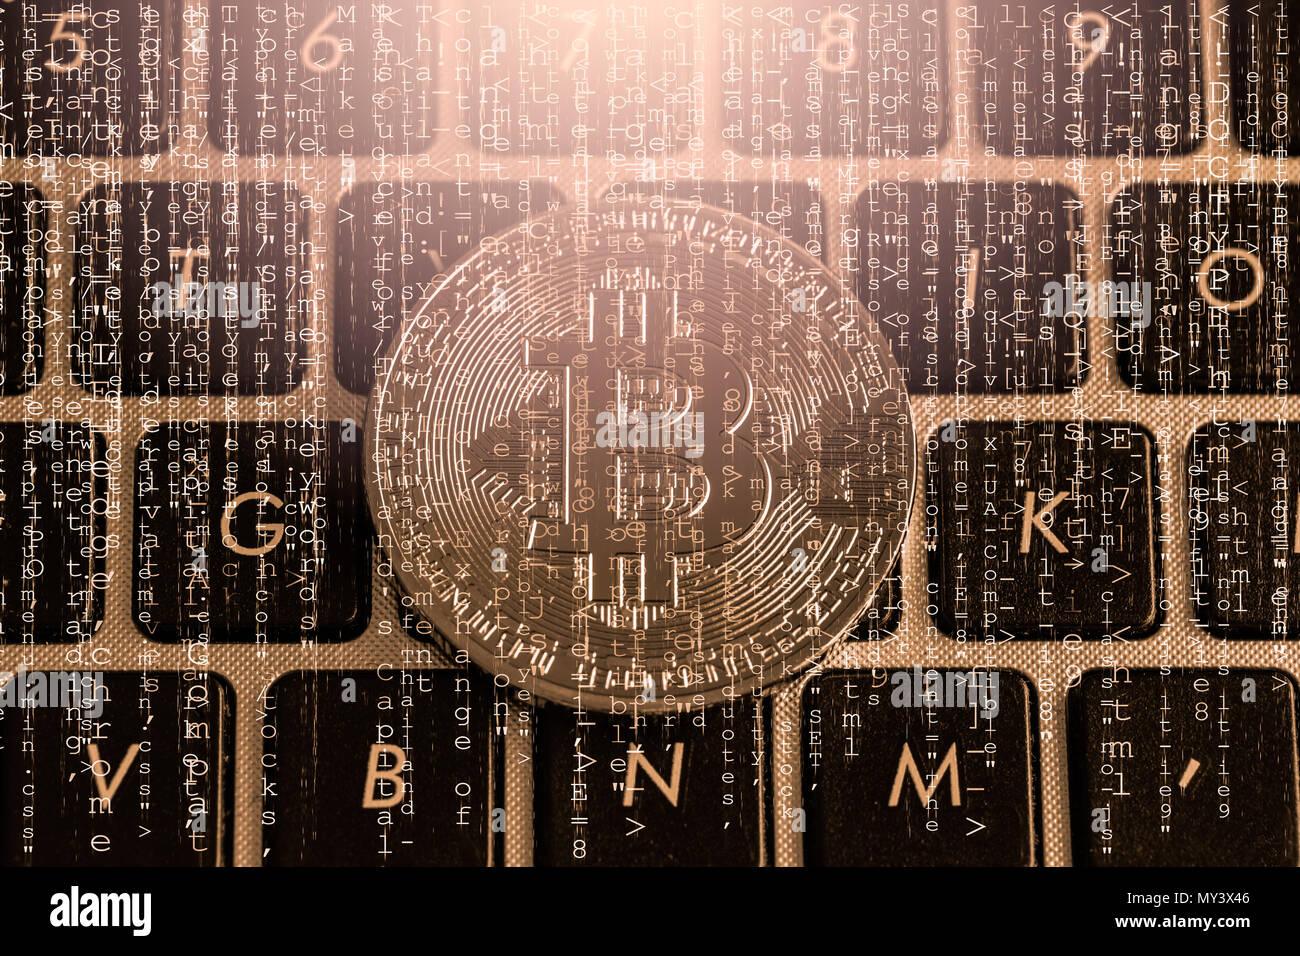 Façon moderne de l'échange et bitcoin est commode de paiement dans les marchés de l'économie mondiale. La monnaie numérique virtuel et de l'investissement financier concept commercial. Cr Photo Stock